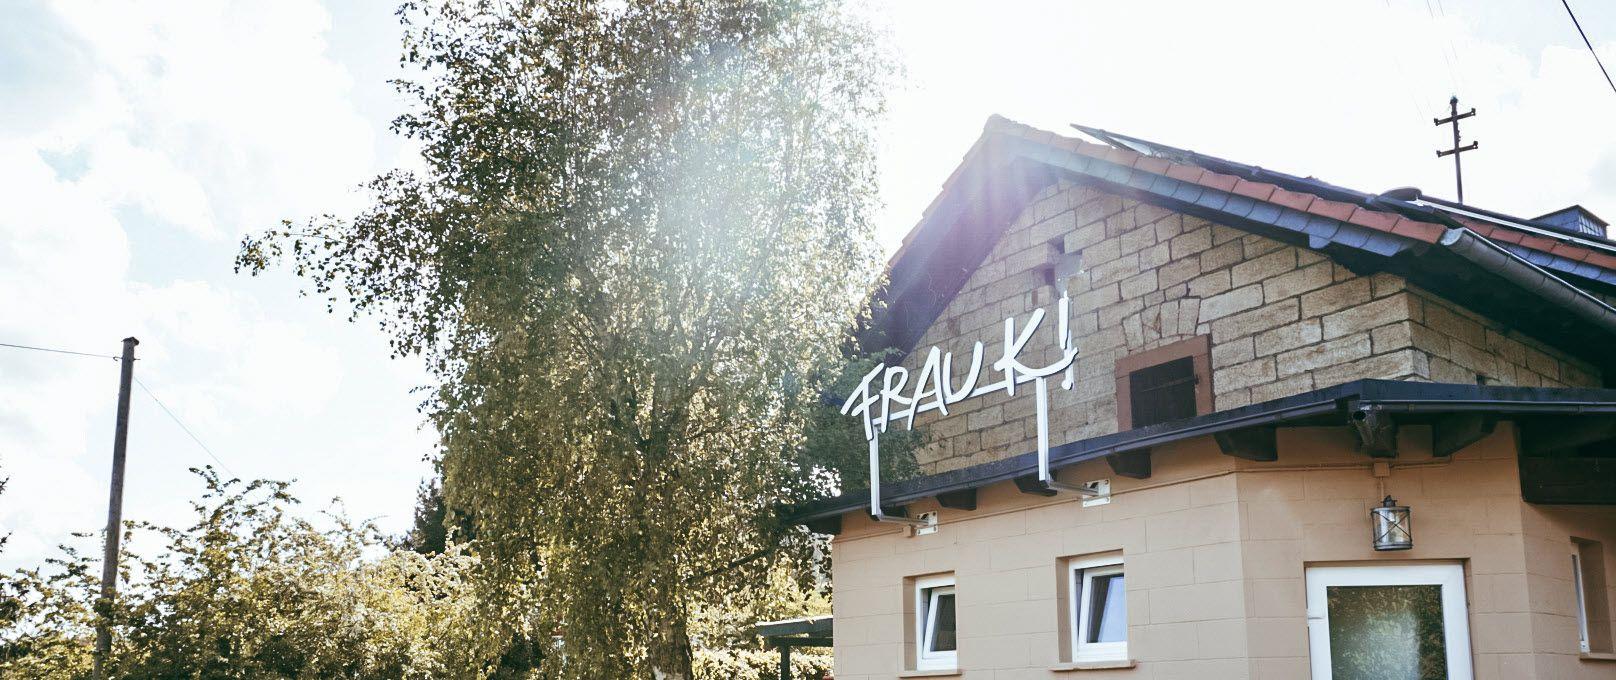 Urlaub machen | FRAU K!